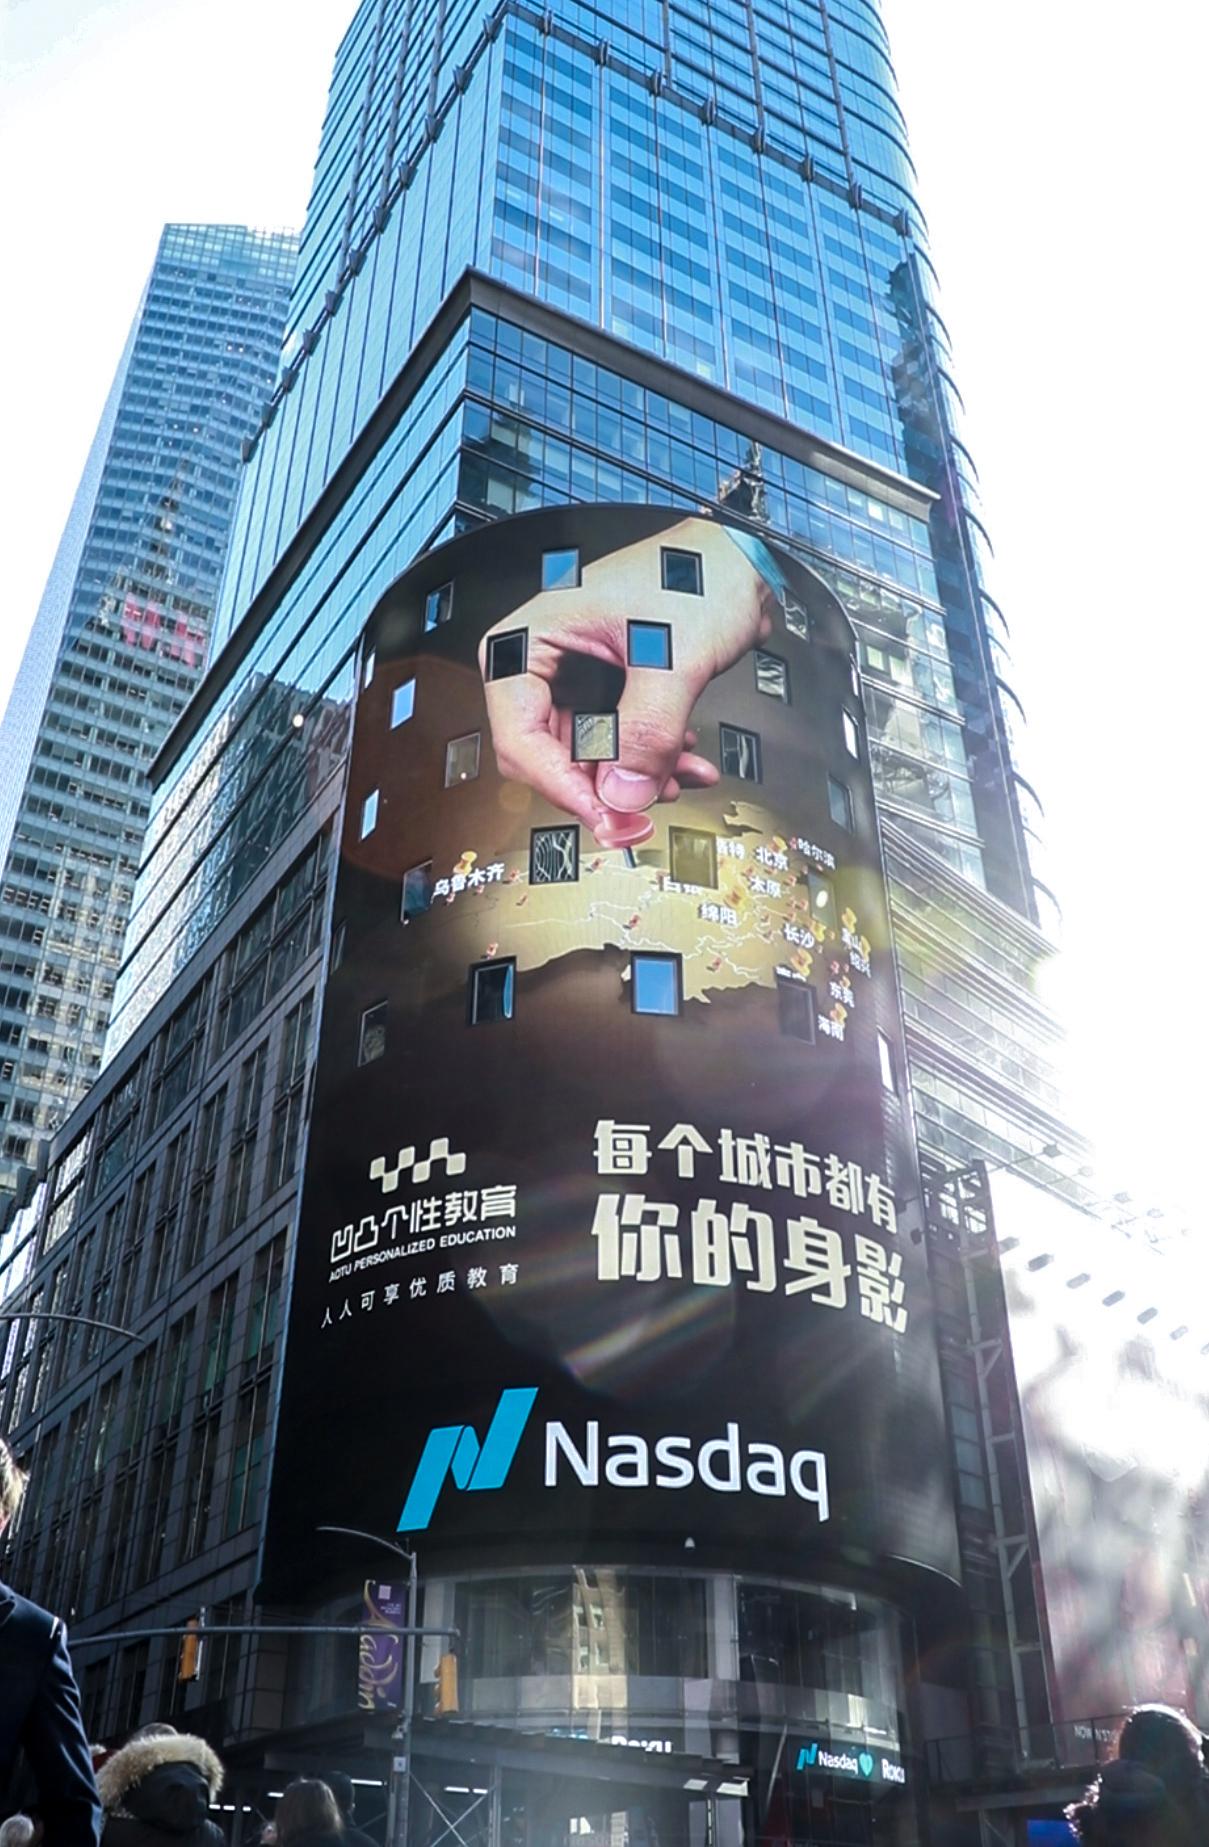 """凹凸个性教育登陆纽约时代广场大屏""""向世界展示精彩"""""""